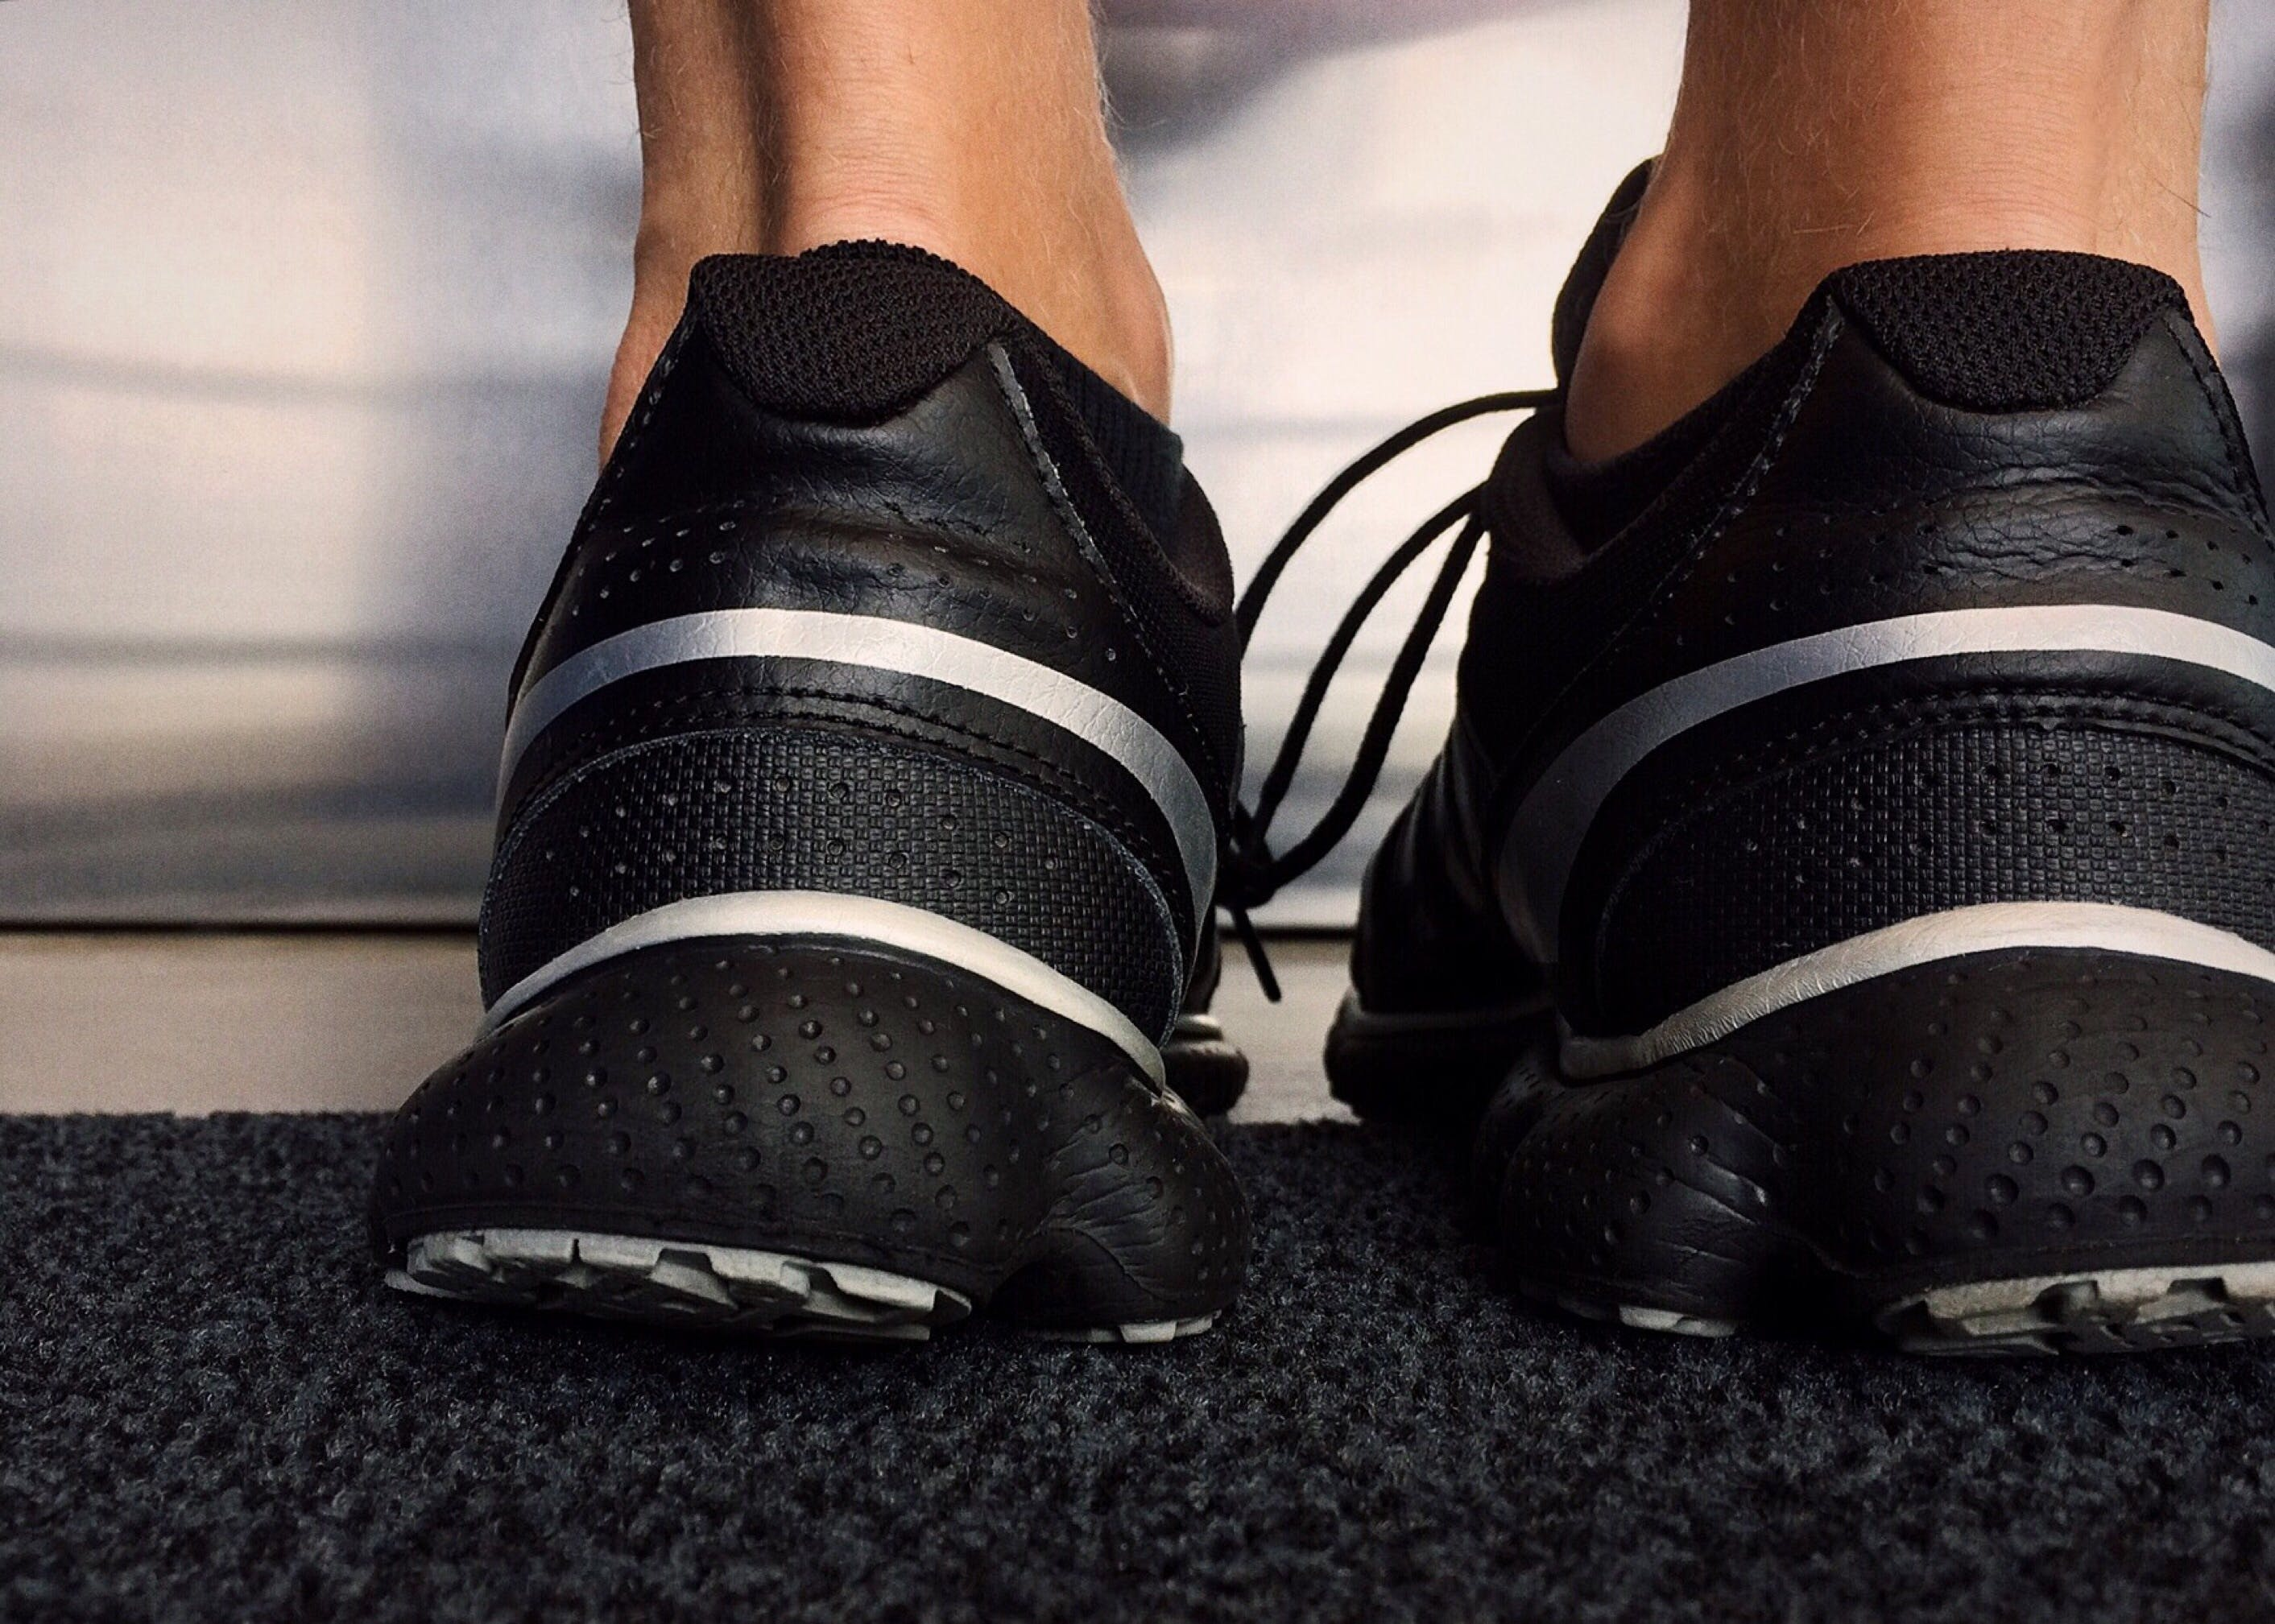 Kostenloses Stock Foto zu fußbekleidung, füße, schuhe, sneakers